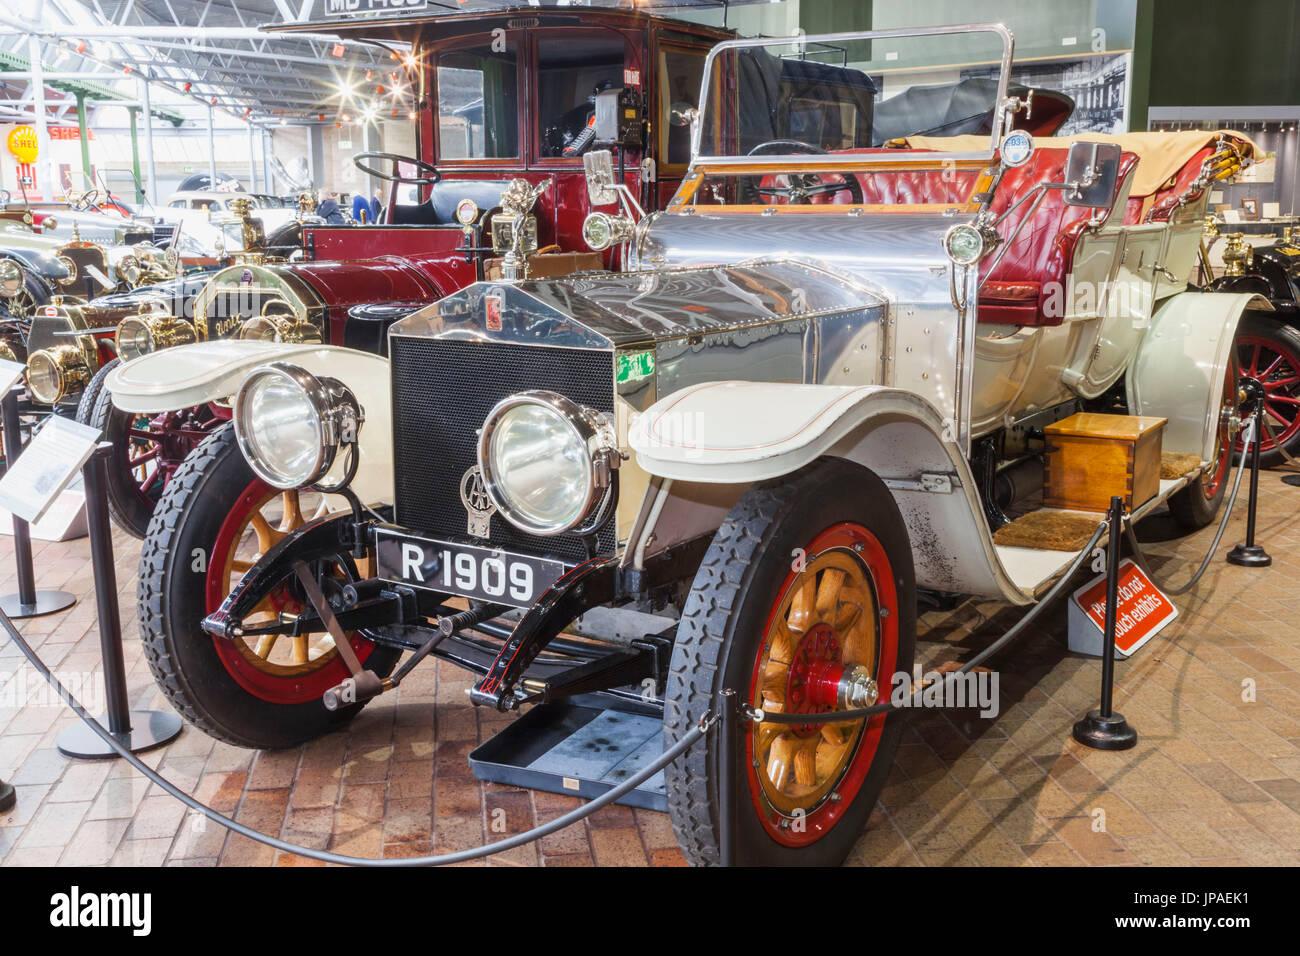 England, Hampshire, New Forest, Beaulieu, The National Motor Museum, Ausstellung von Oldtimer Rolls Royce Silver Ghost datiert 1909 Stockbild